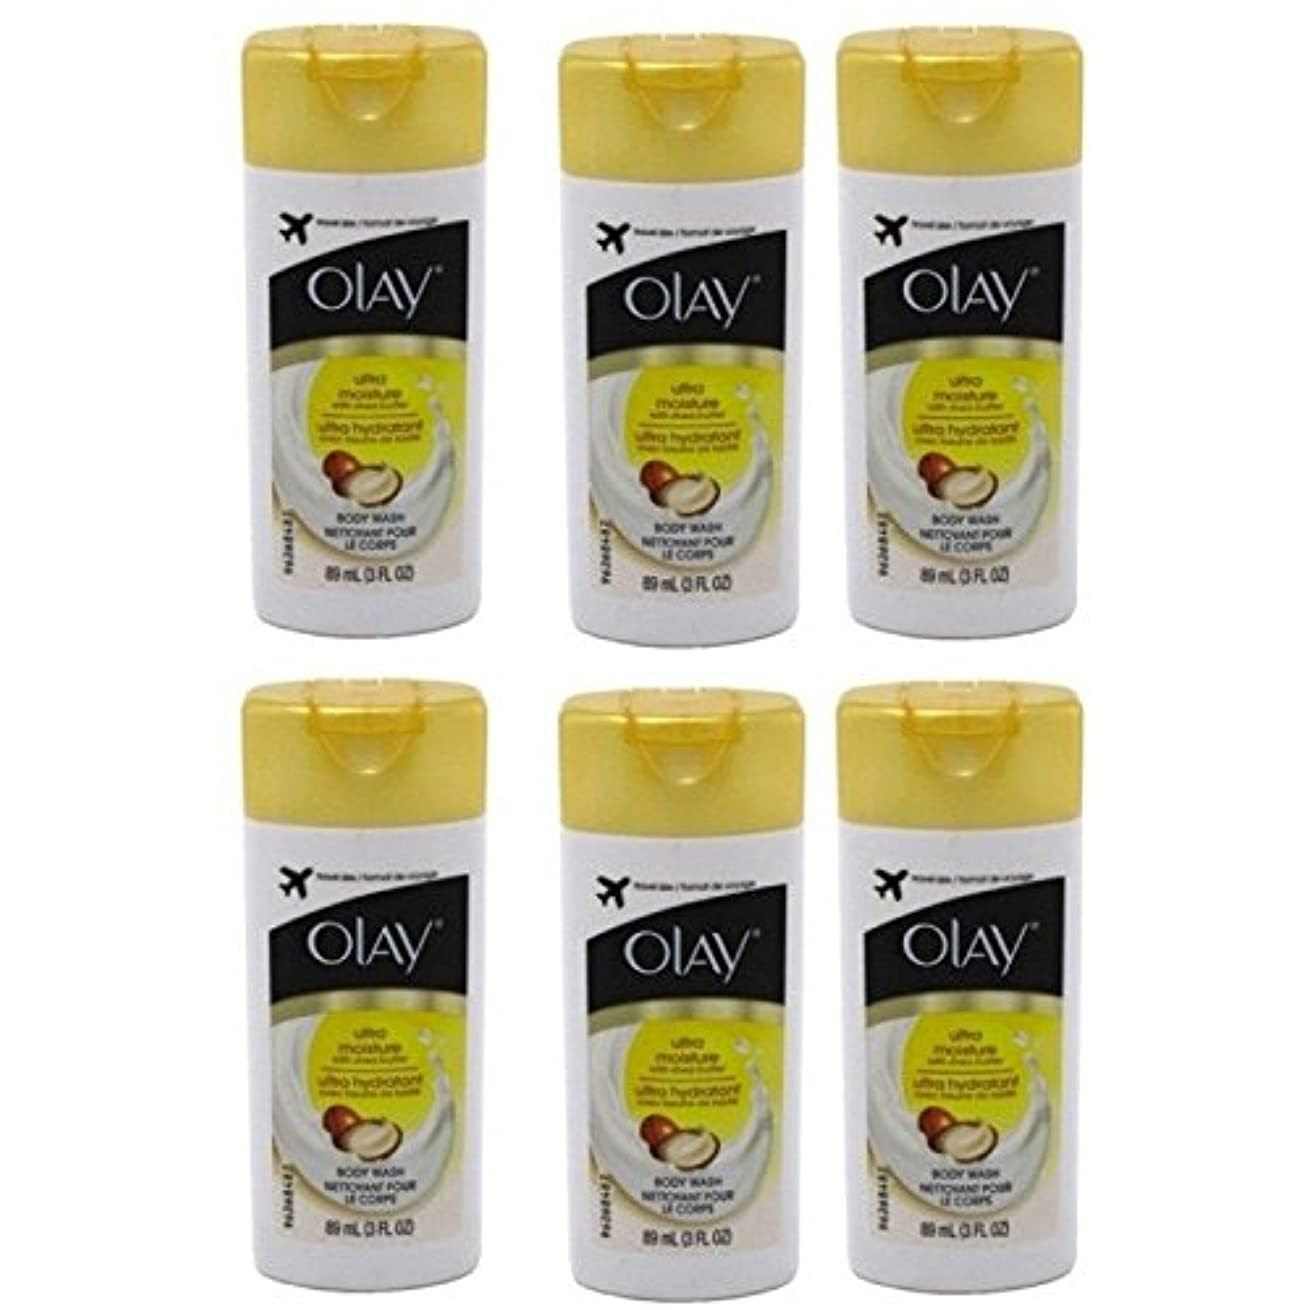 枢機卿レンジ生息地Olay Ultra Moisture Body Wash 3oz Travel Size by Olay